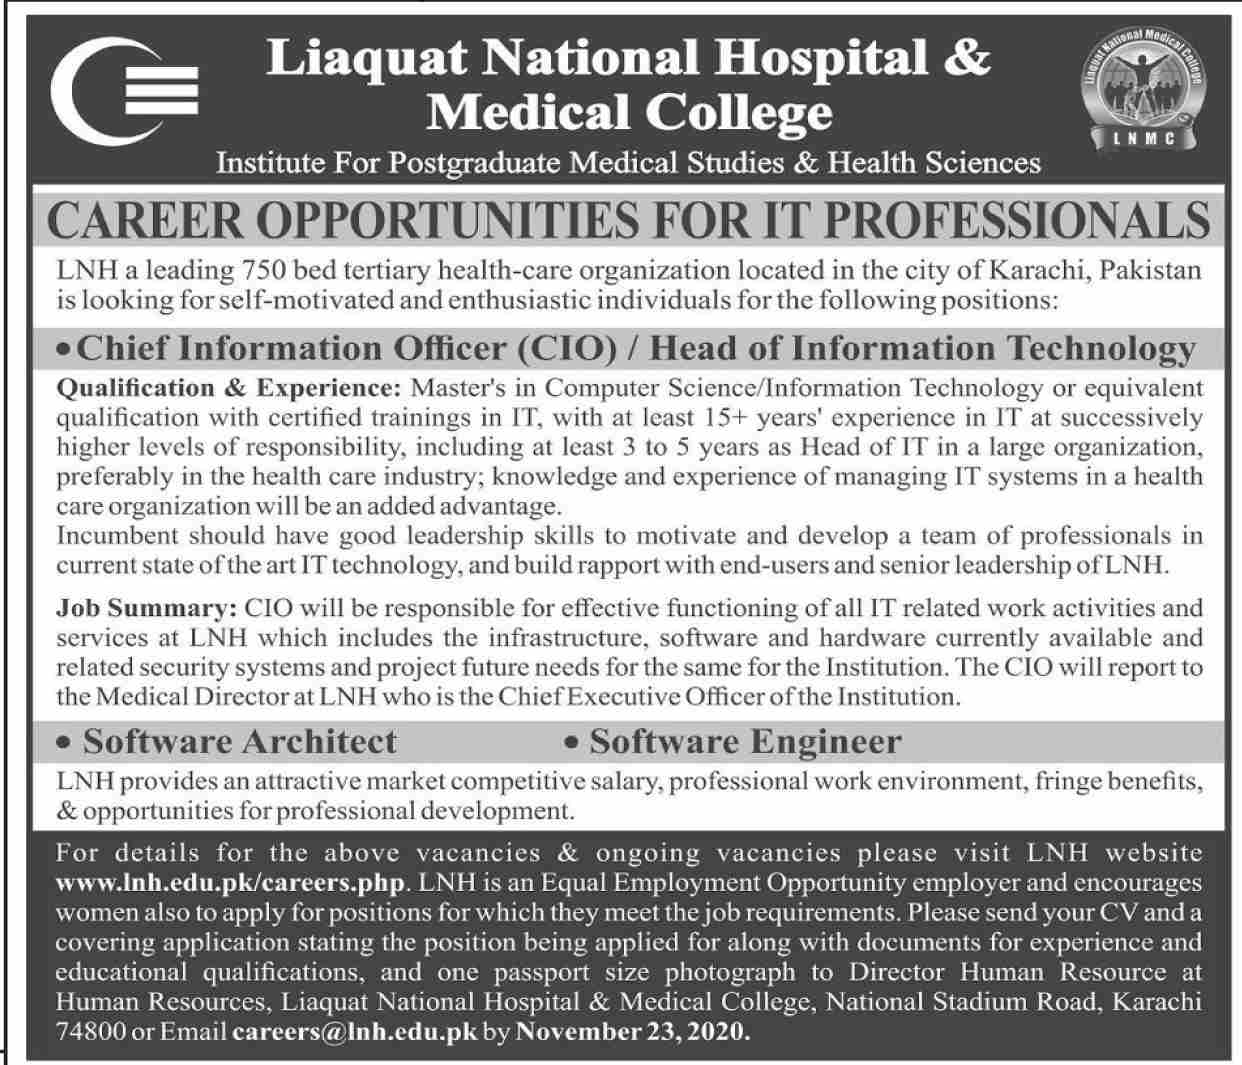 Liaquat National Hospital & Medical College Jobs in Karachi